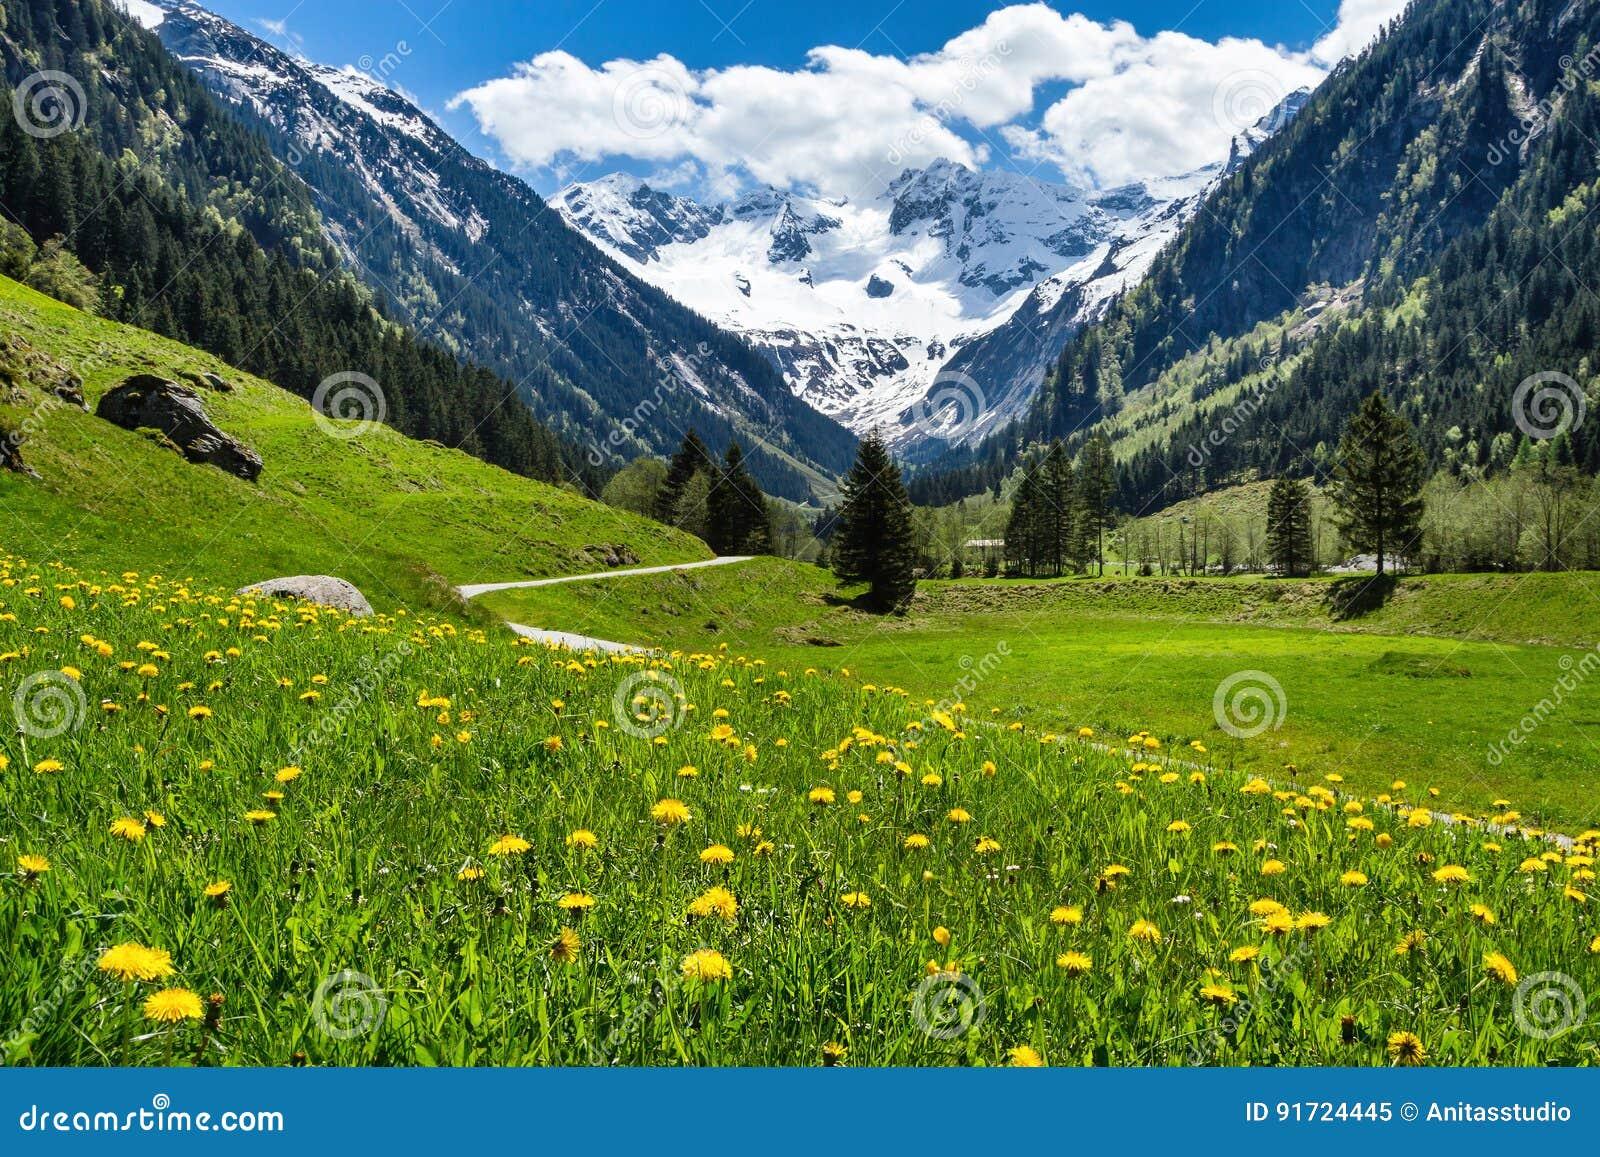 Το καταπληκτικό αλπικό θερινό τοπίο άνοιξης με τα πράσινα λιβάδια ανθίζει και χιονώδης αιχμή στο υπόβαθρο Αυστρία, Tirol, κοιλάδα